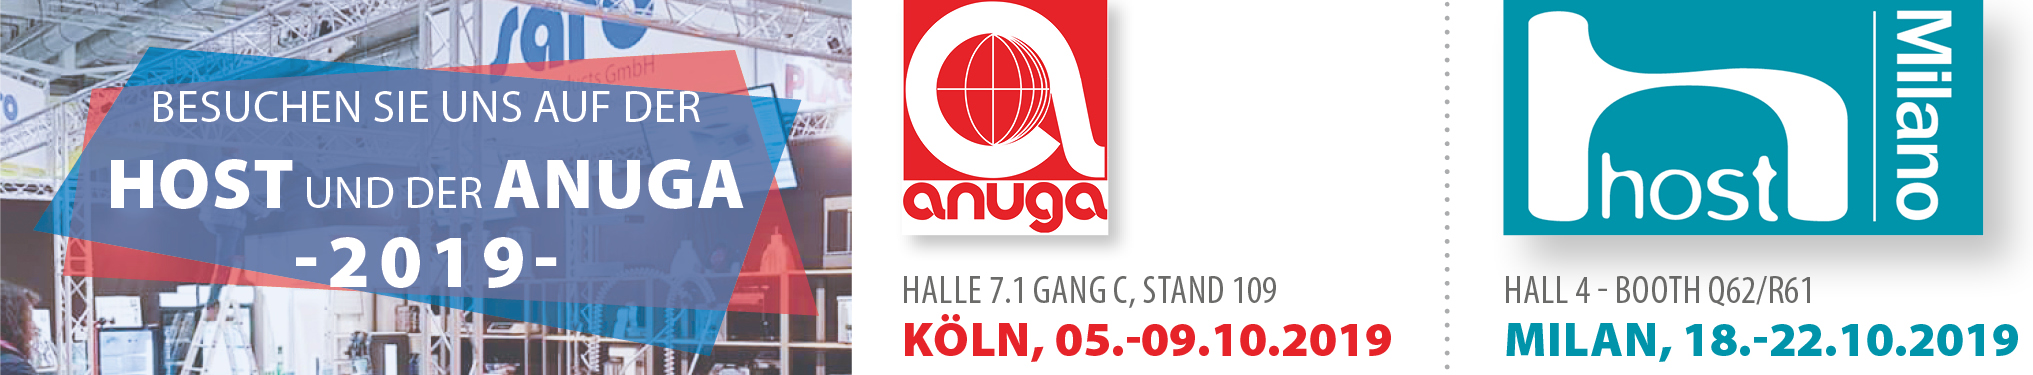 Host & Anuga